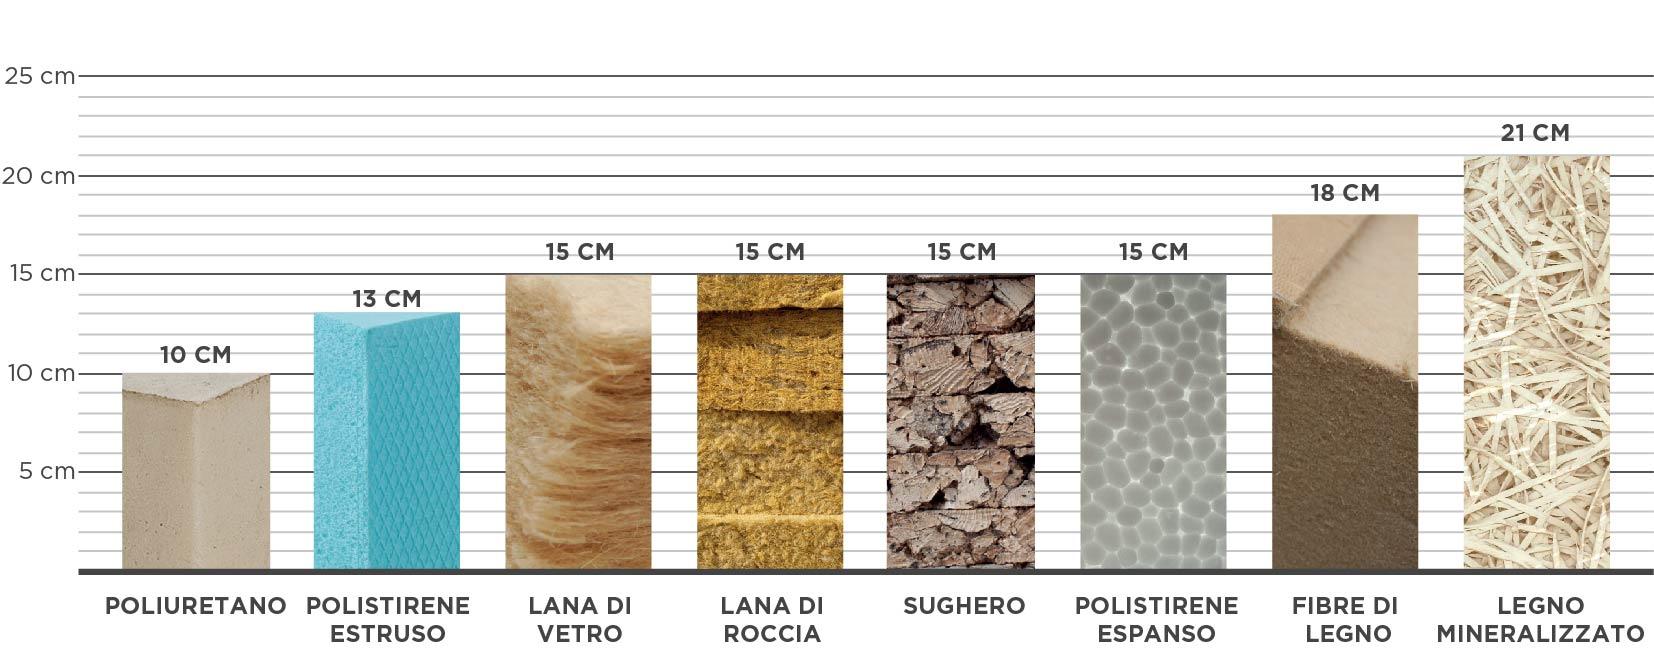 Pannelli Fibra Di Legno i diversi tipi di isolanti termici ed il loro utilizzo